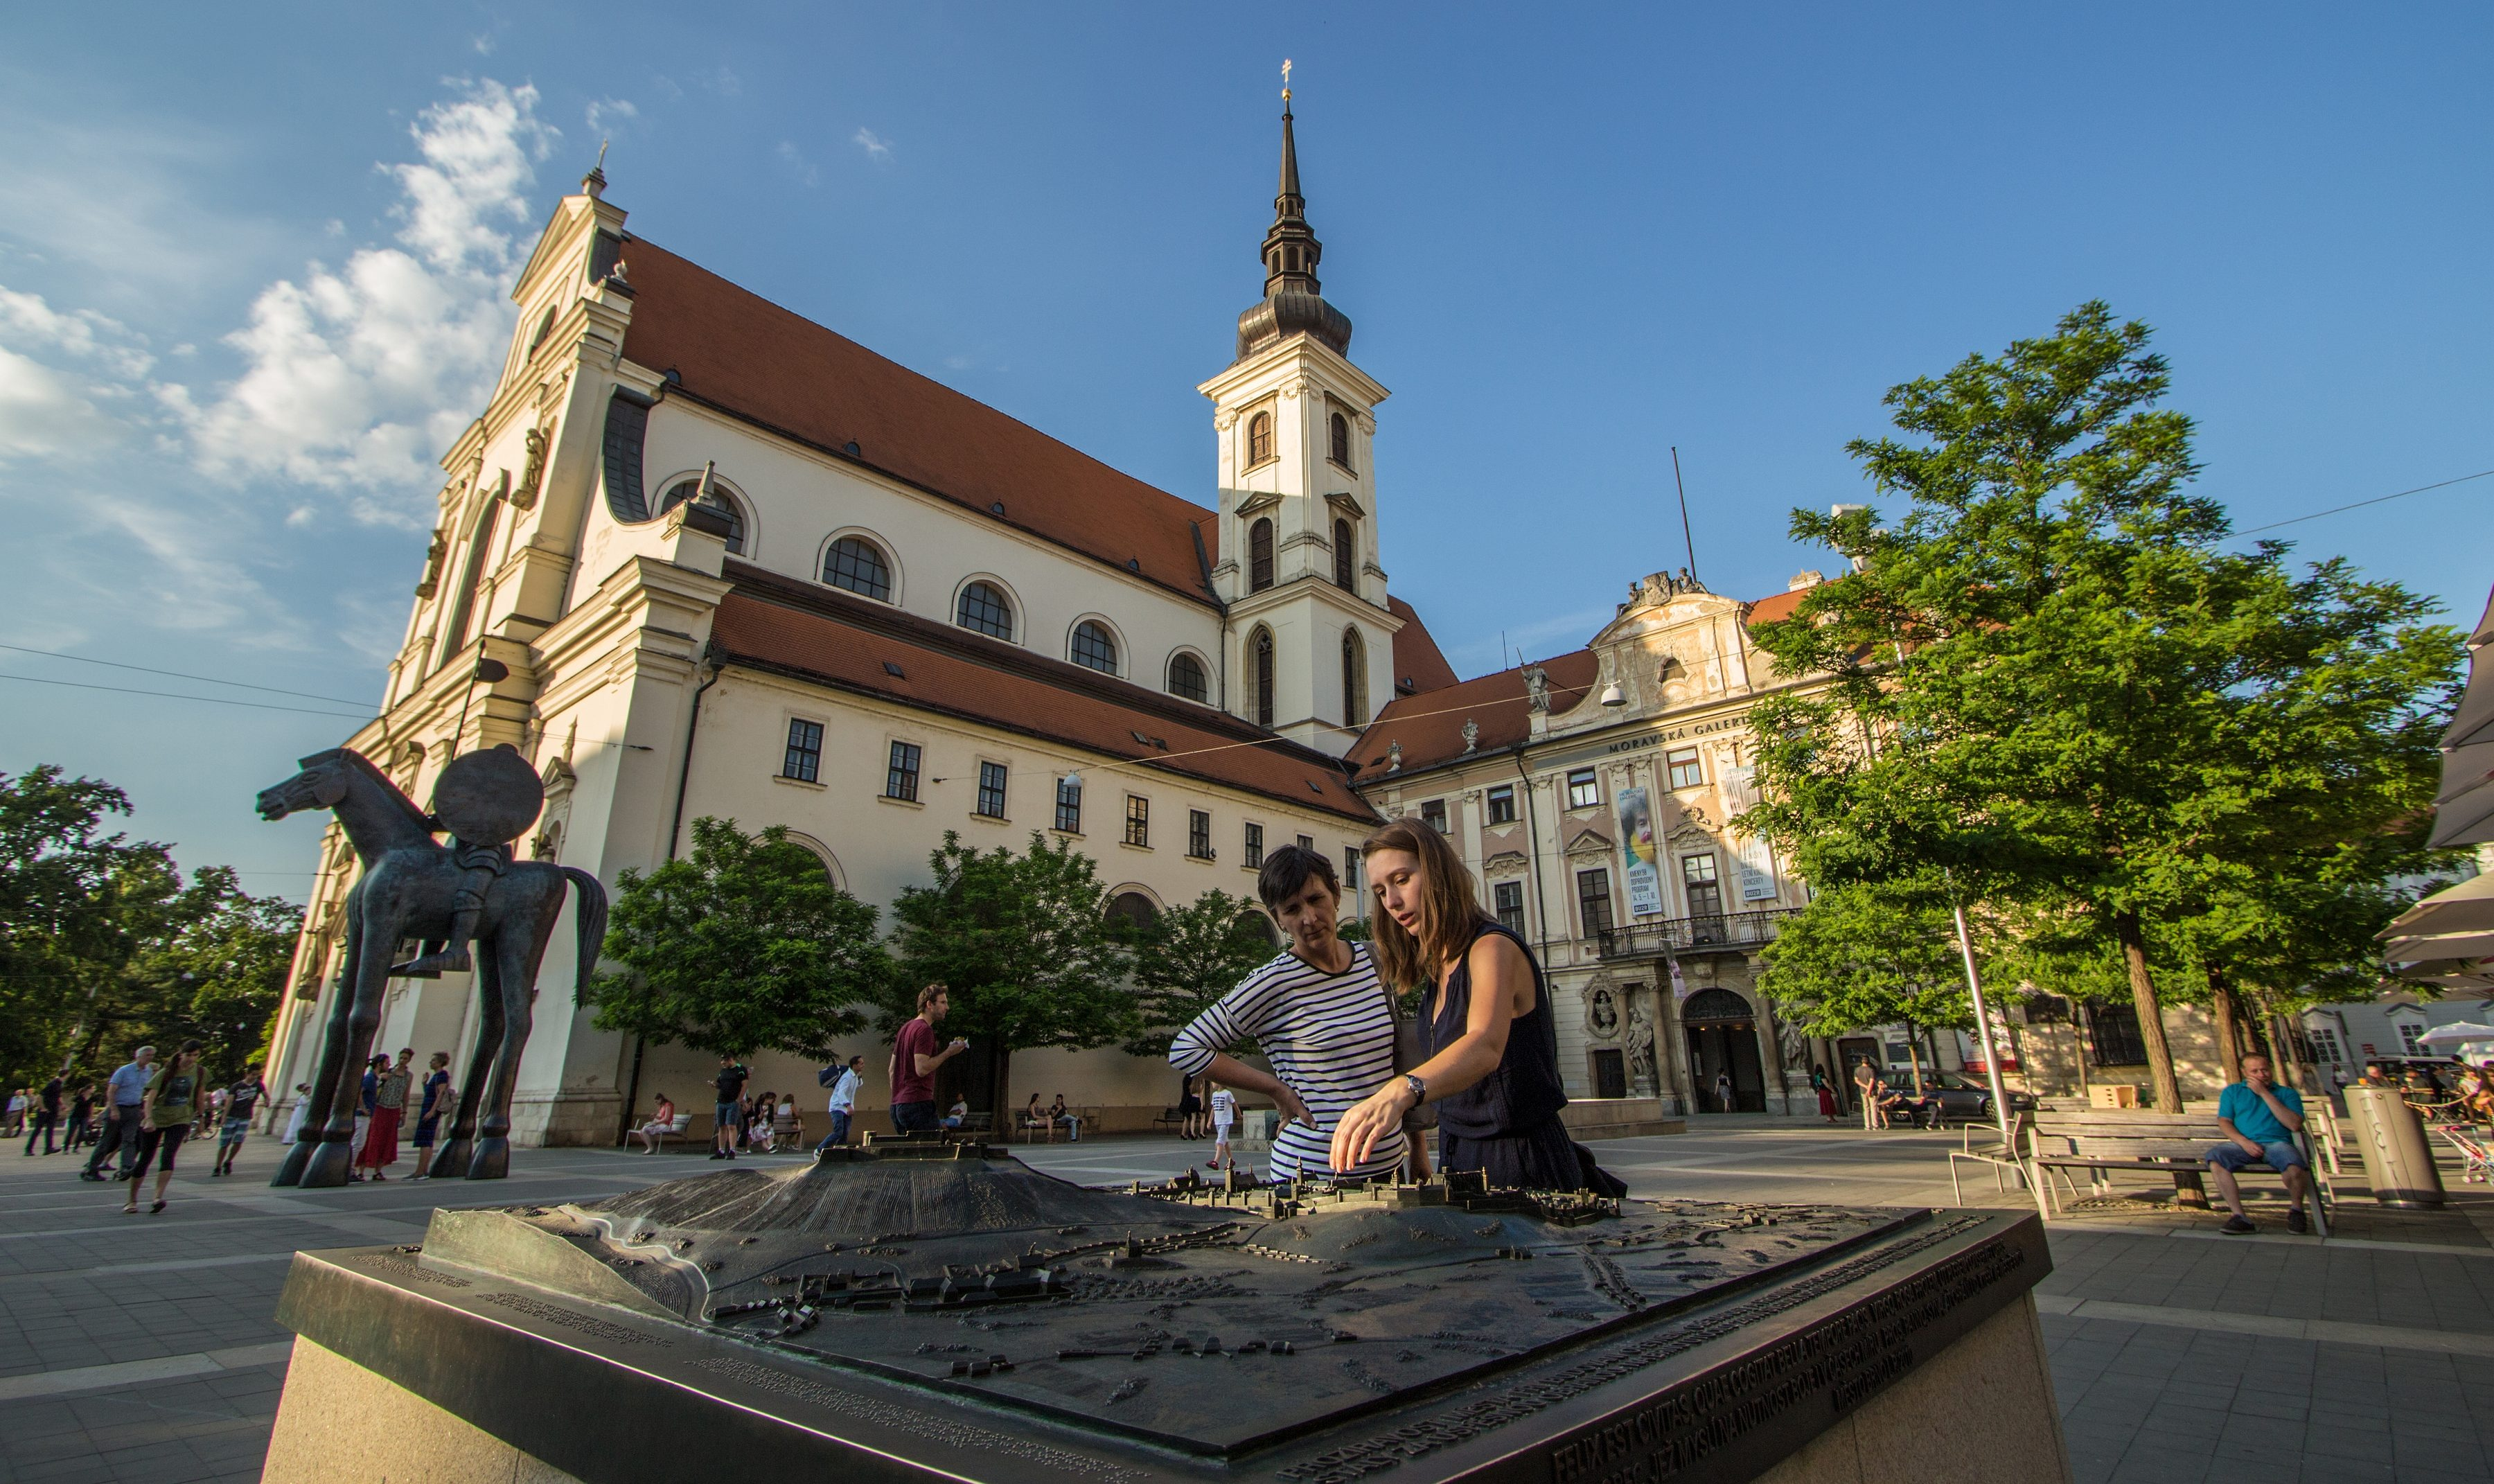 Moravian Square in Brno